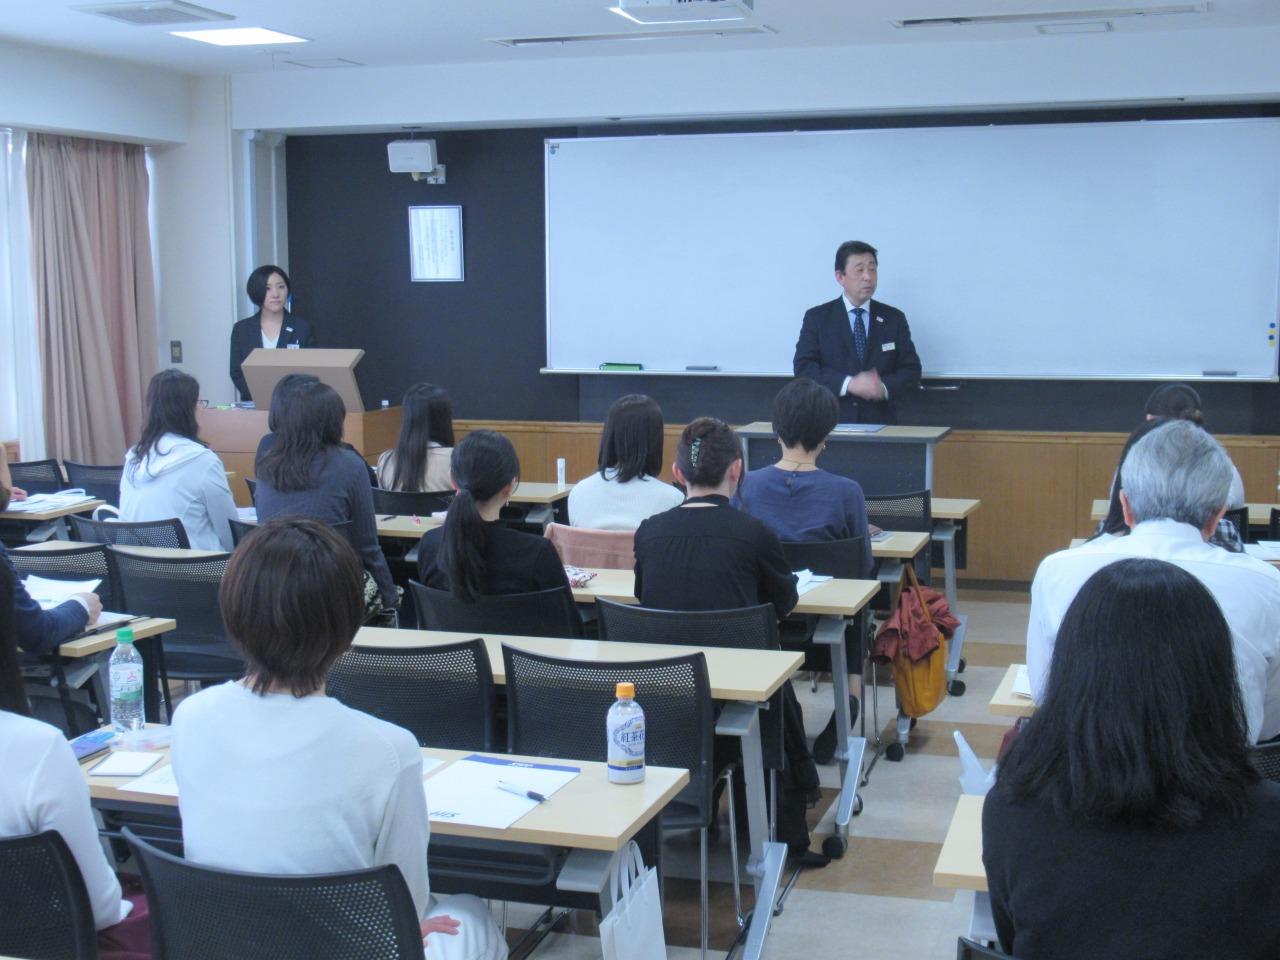 武内 副校長から留学に対する心構えについて